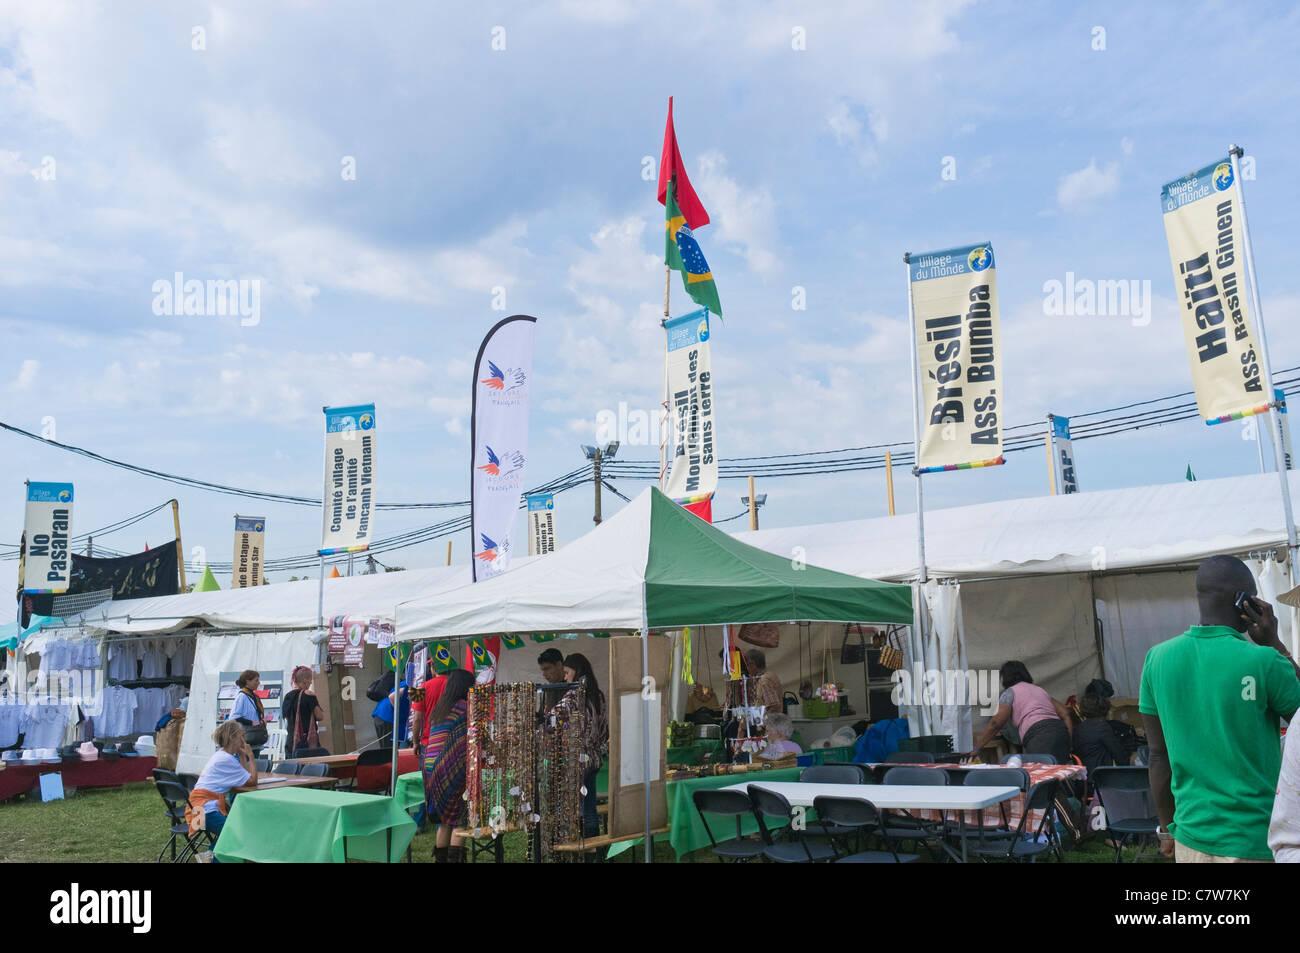 Village du Mond at the Fête de l'Humanité 2011 - Stock Image